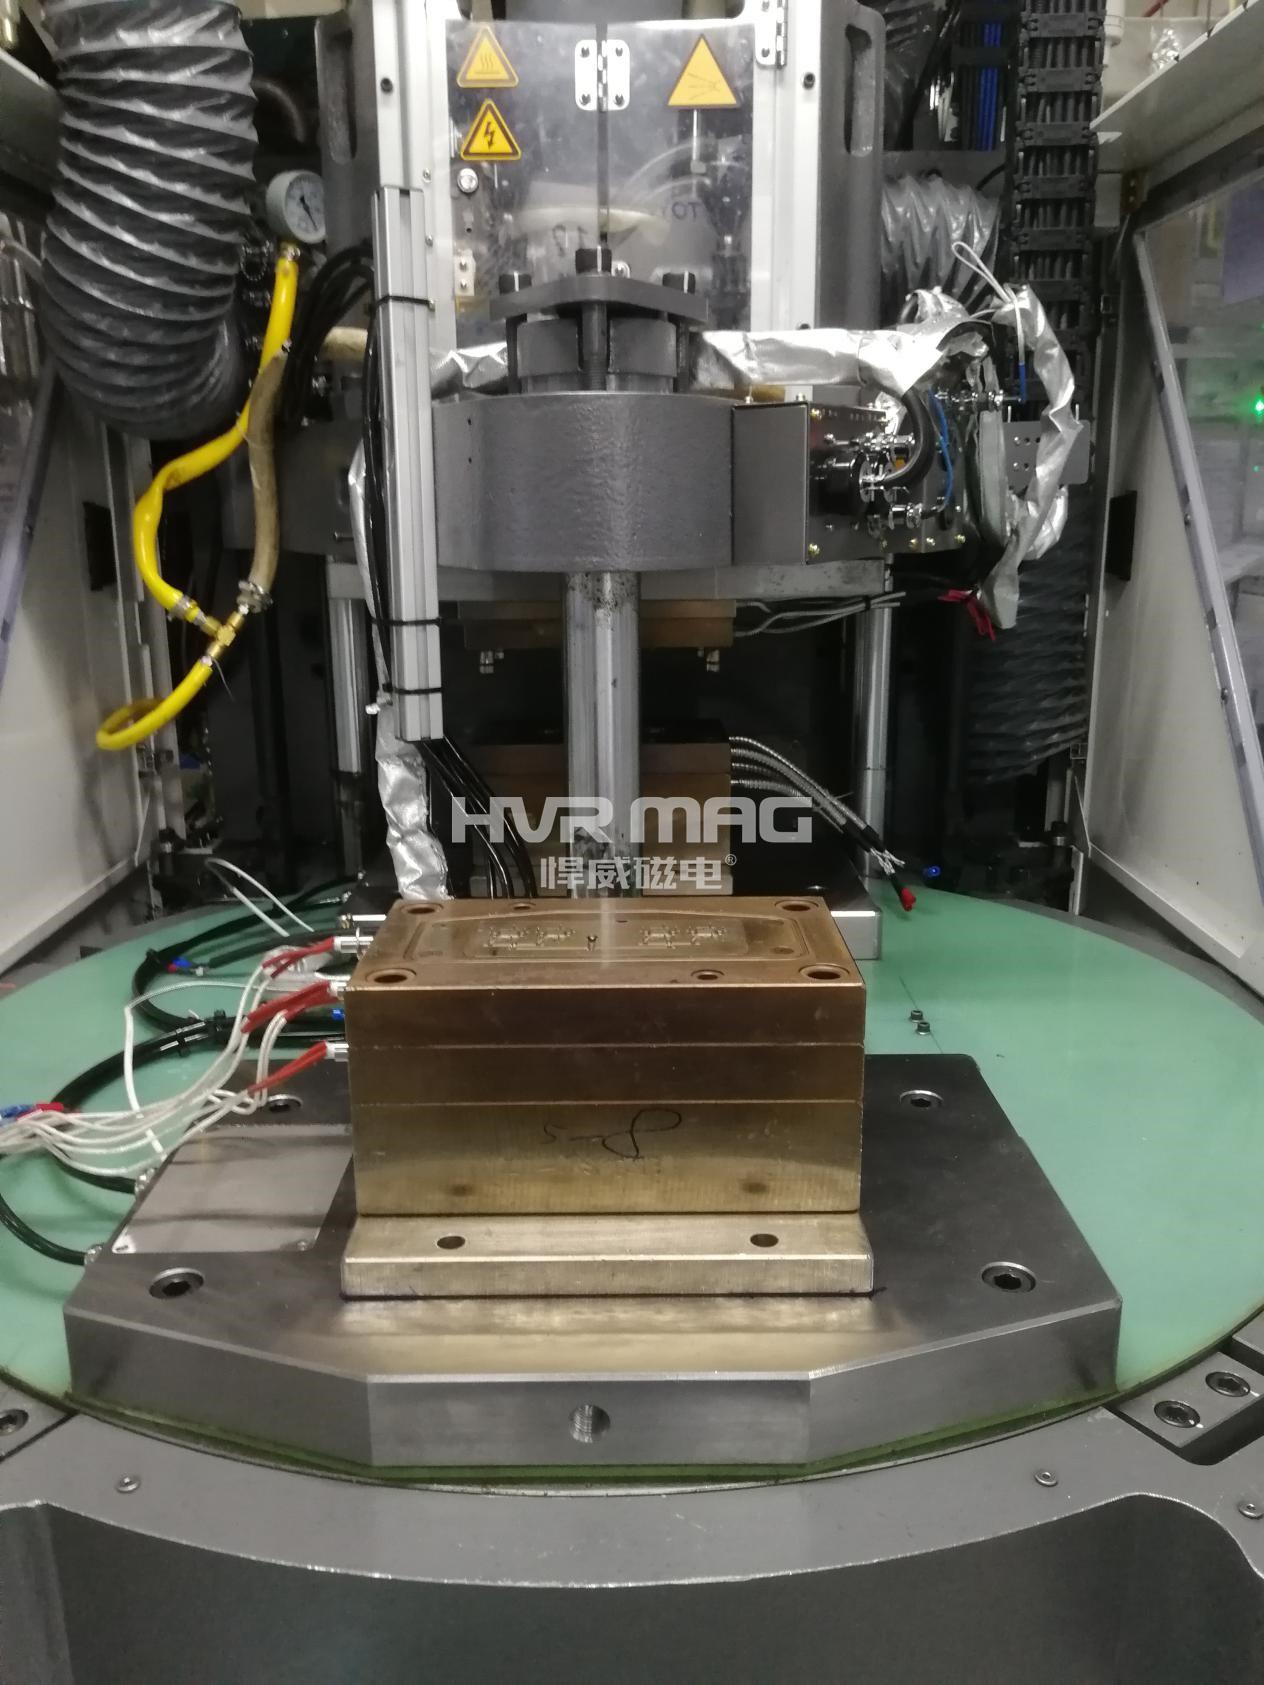 卧式注塑机VS立式注塑机的特点与区别